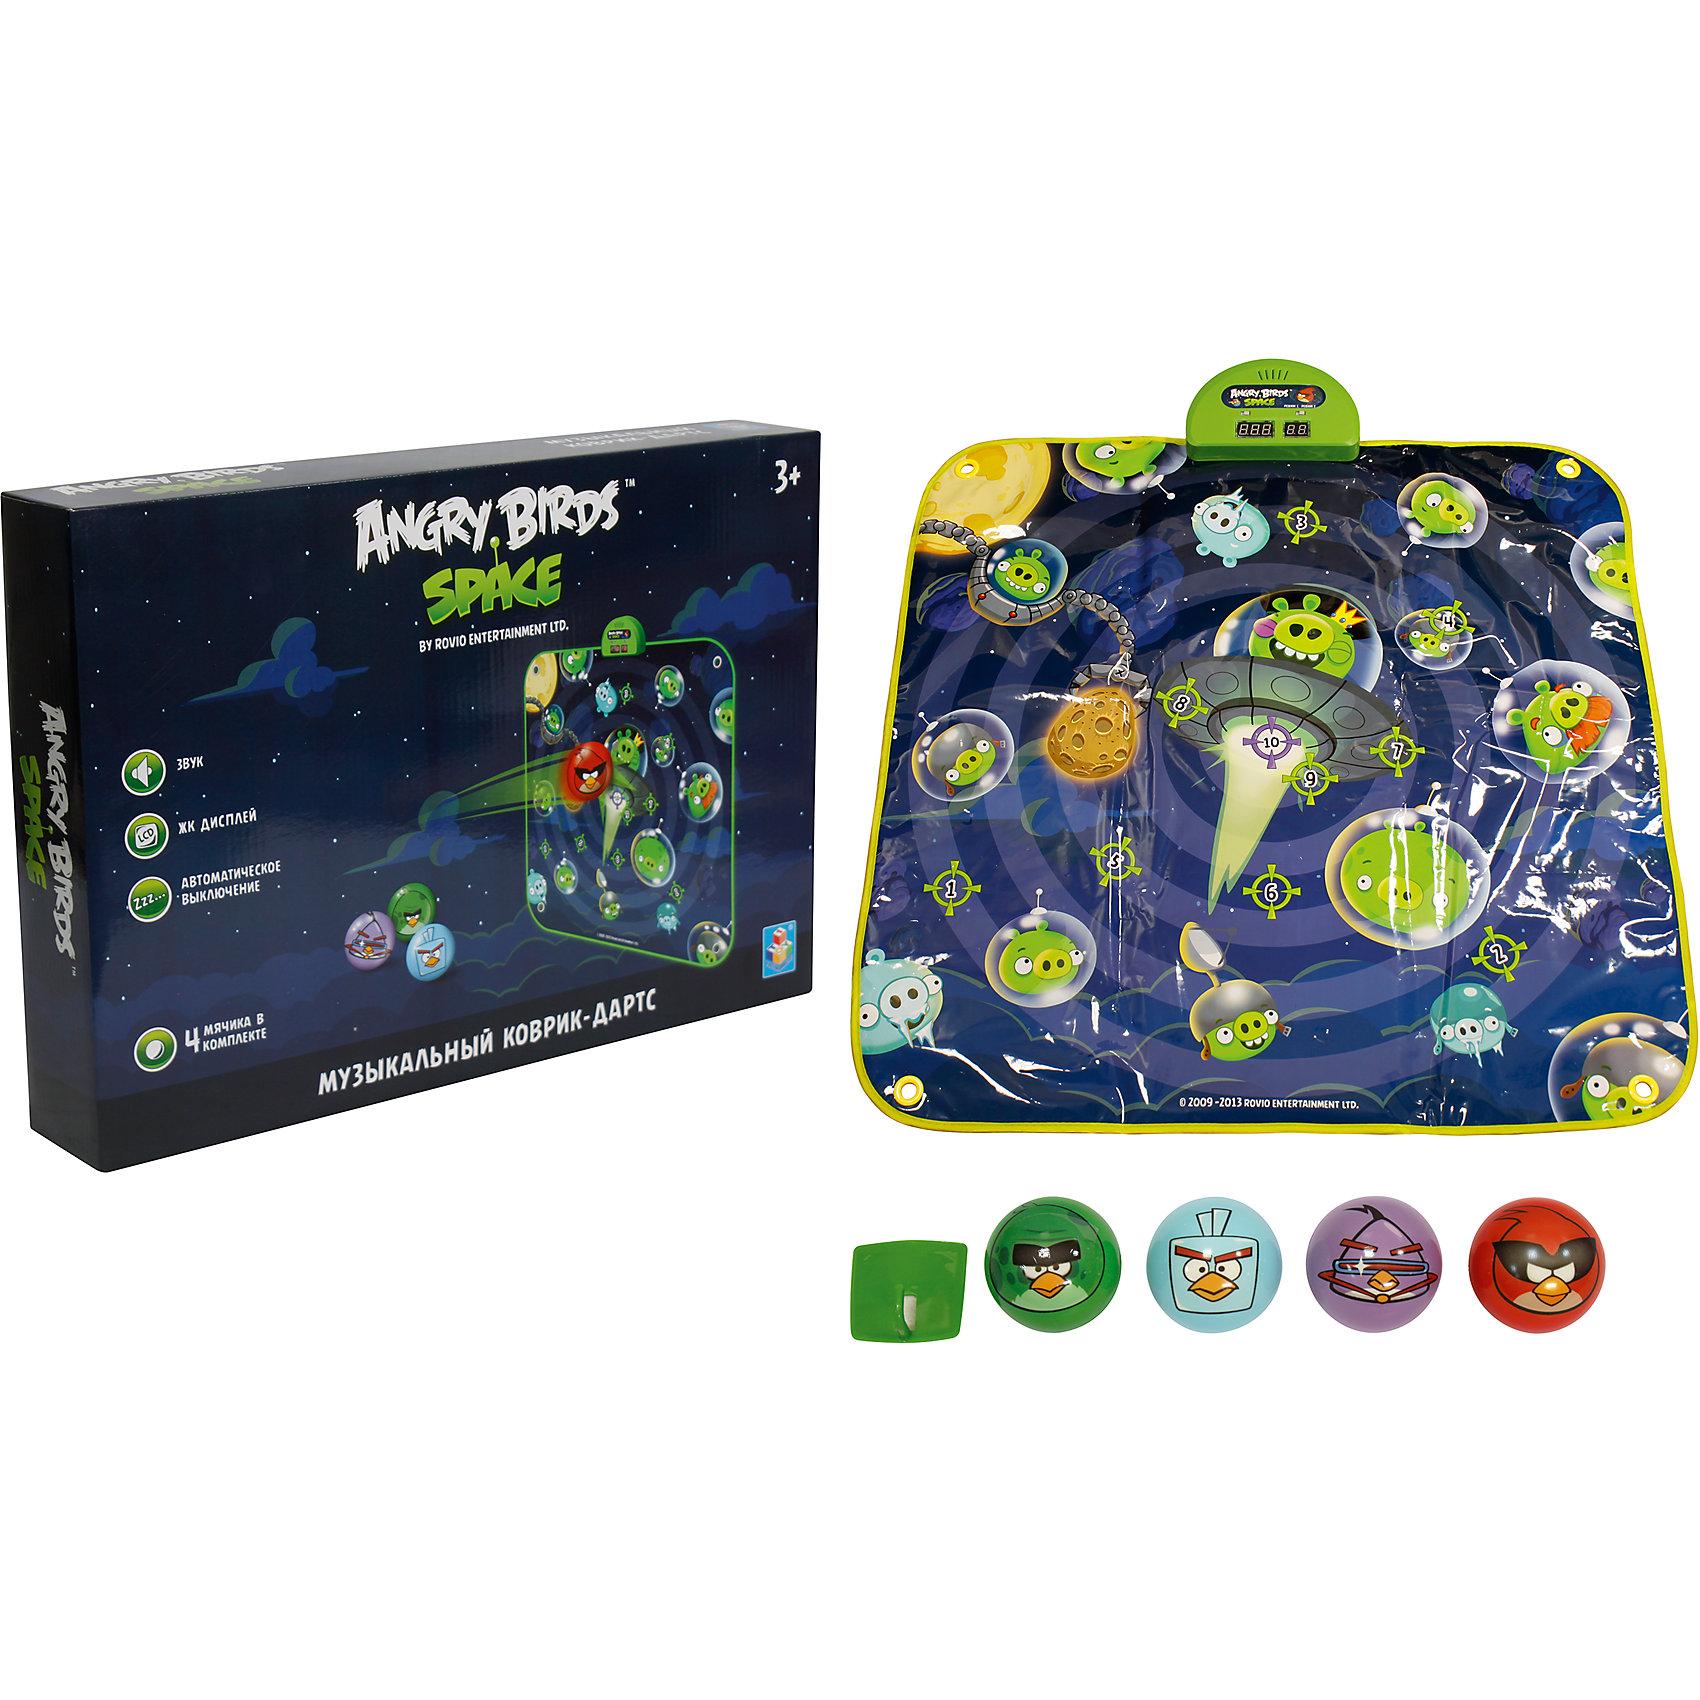 Музыкальный коврик-игра дартс, 4 мячика, Angry BirdsВсе дети обожают дартс! Сделать попадание в цель занятие веселее помогут герои игры Angry Birds. Яркий музыкальный коврик с их изображением и мячики позволяют играть на различных уровнях сложности. При попадании в цель раздастся звуковой сигнал - мелодии и звуки из популярной игры Angry Birds.<br>Такой коврик обязательно порадует ребенка! Игра с ним помогает детям развивать координацию движений и ловкость. Коврик сделан из качественных и безопасных для ребенка материалов.<br><br>Дополнительная информация:<br><br>цвет: разноцветный;<br>размер: 90 х 90 см;<br>вес: 900 г;<br>комплектация: коврик, 4 мячика;<br>работает от батареек.<br><br>Музыкальный коврик-игру,  дартс, 4 мячика, Angry Birds можно купить в нашем магазине.<br><br>Ширина мм: 470<br>Глубина мм: 330<br>Высота мм: 80<br>Вес г: 1083<br>Возраст от месяцев: 36<br>Возраст до месяцев: 2147483647<br>Пол: Унисекс<br>Возраст: Детский<br>SKU: 4916377